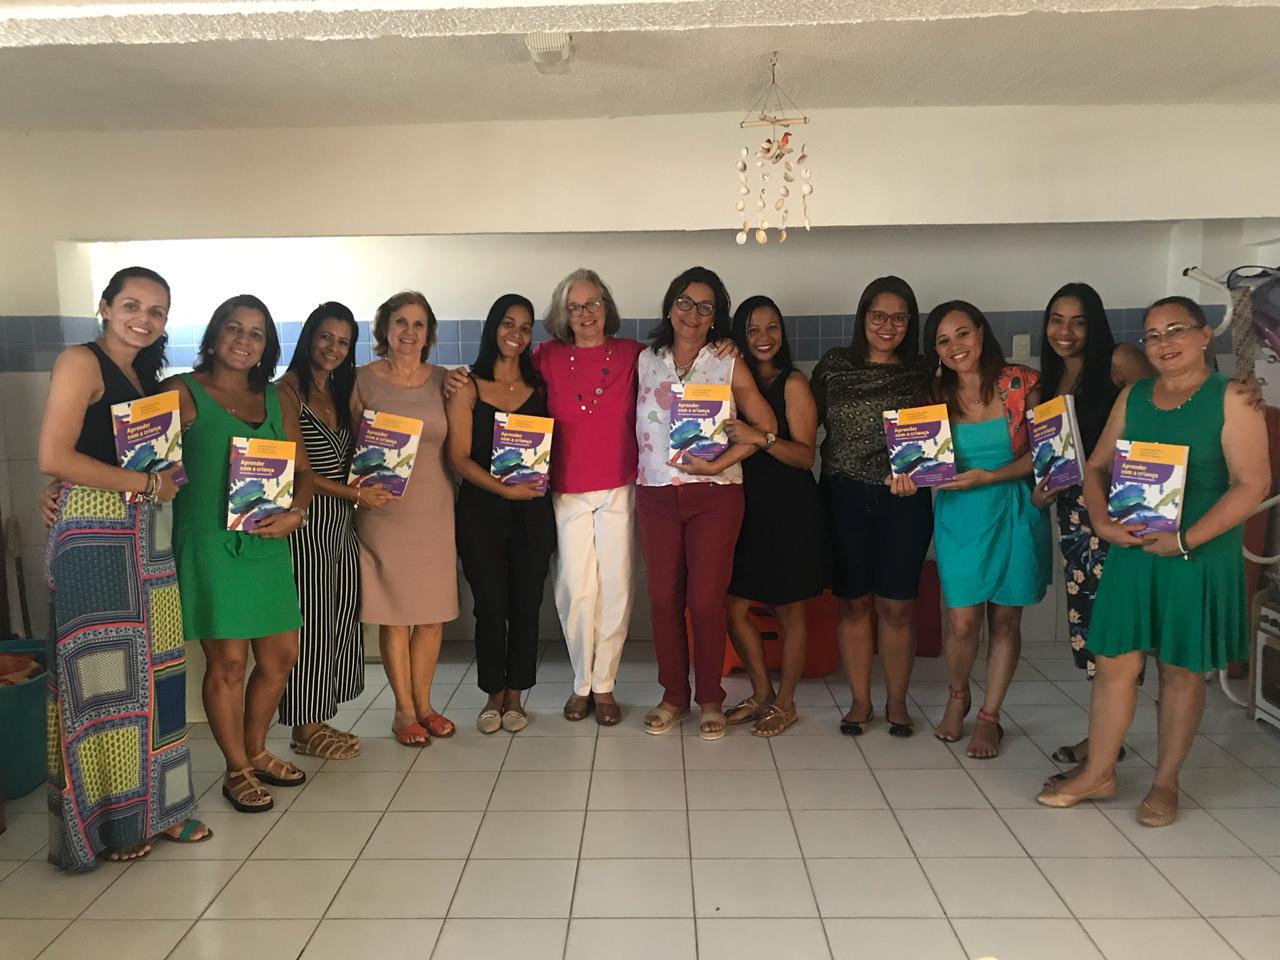 Visita da Dra. Monique Deheinzelin marca Semana Pedagógica da Educação Infantil